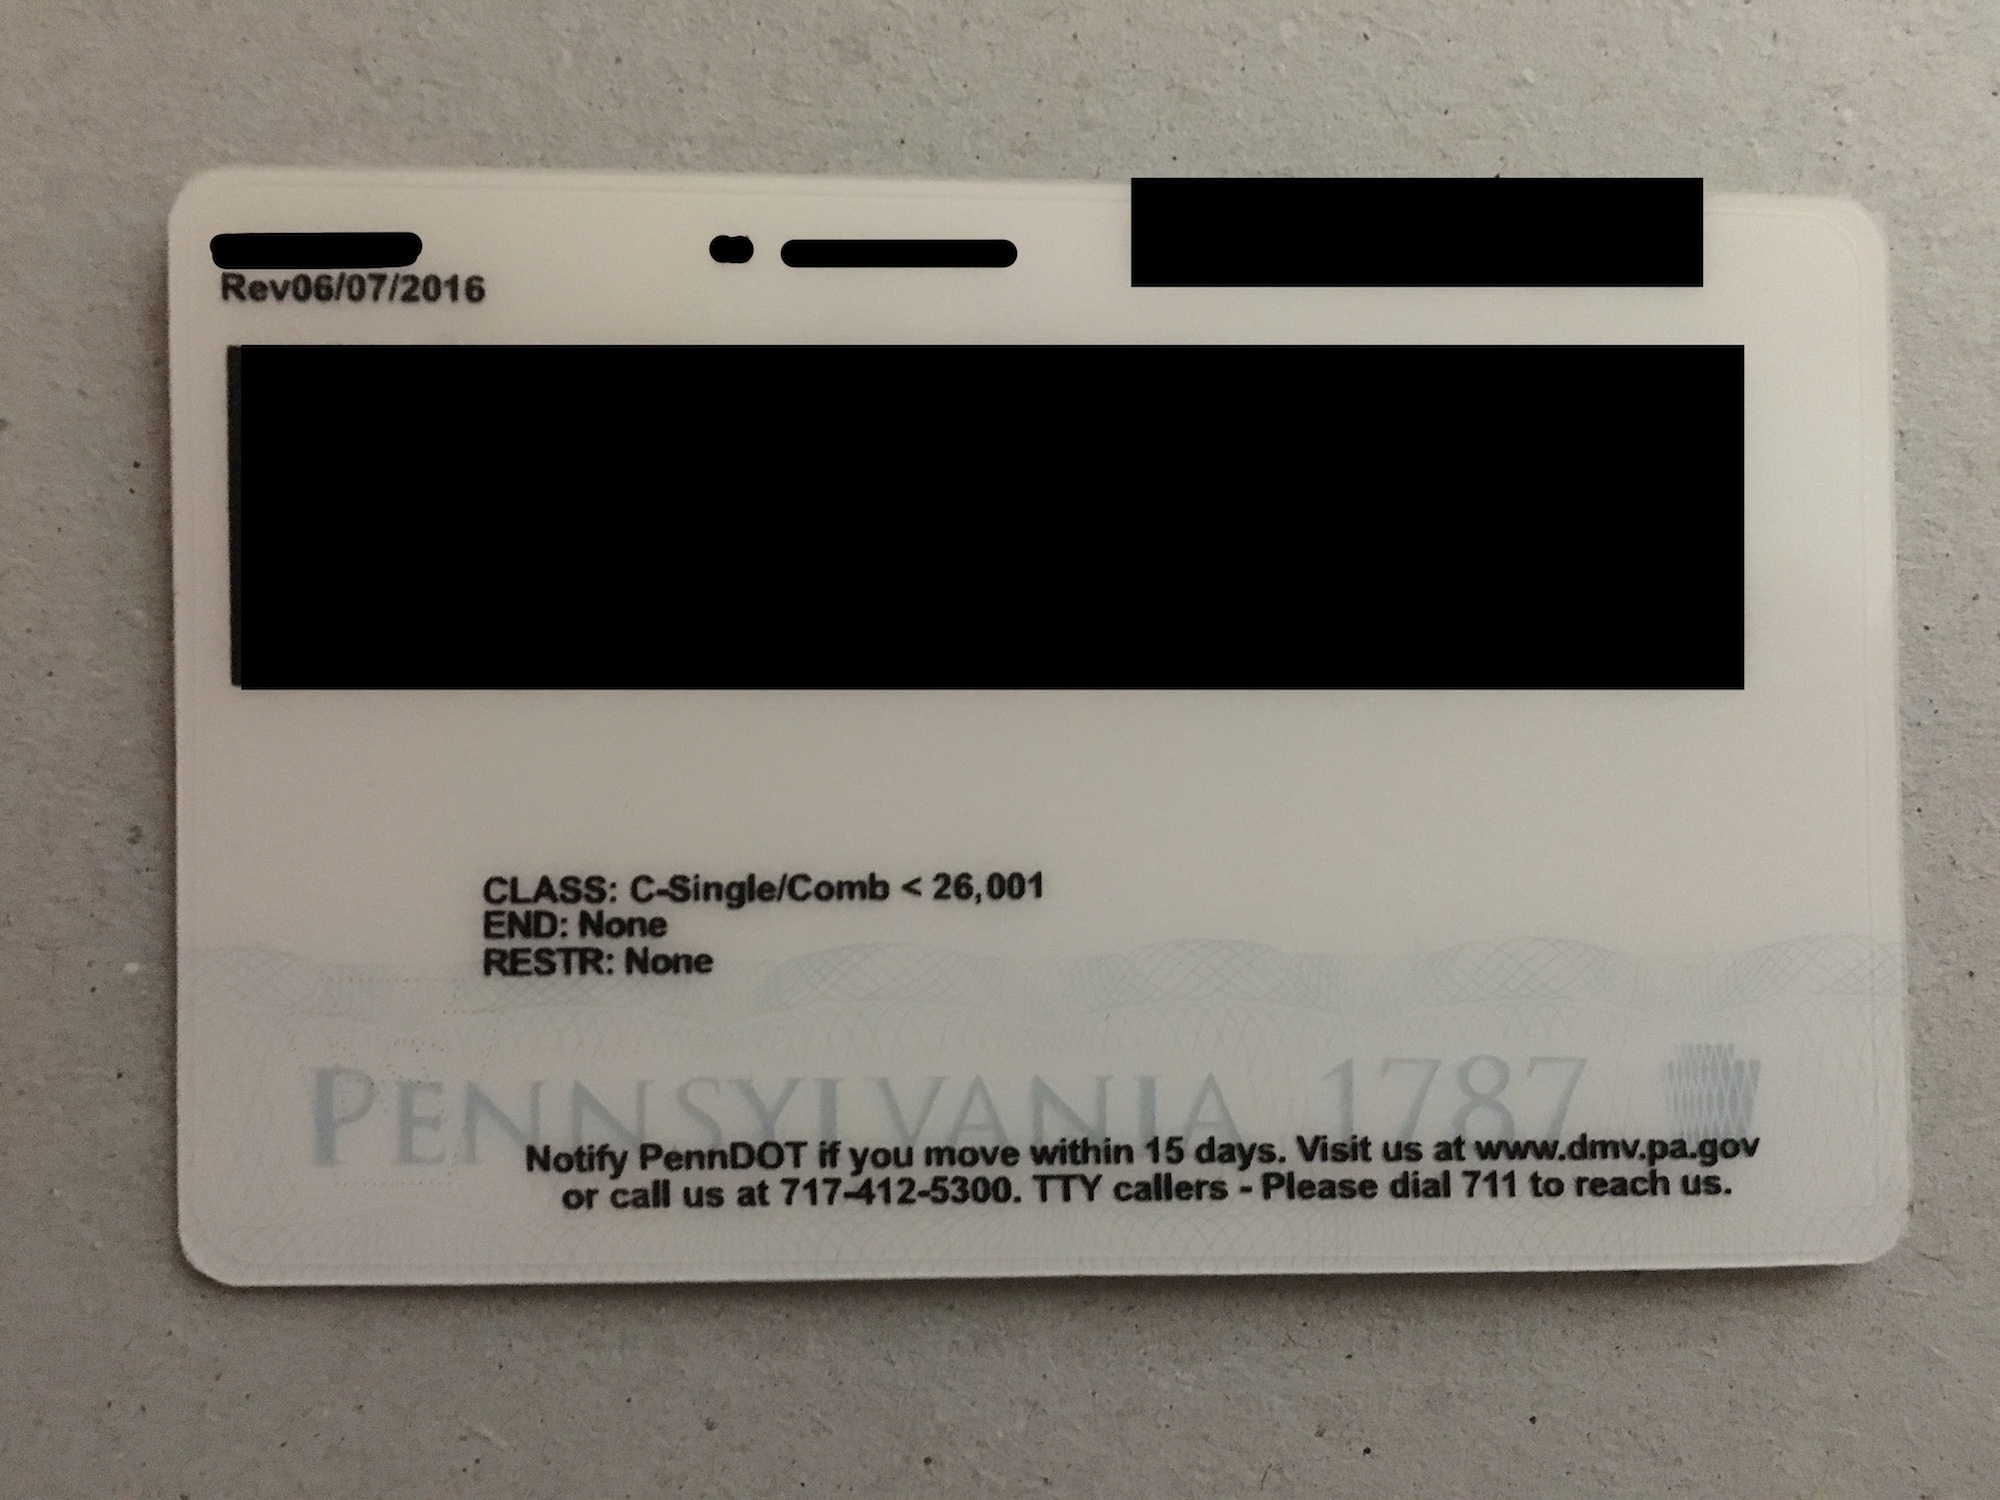 FakeIDVendors - Fake ID & Vendor Discussion